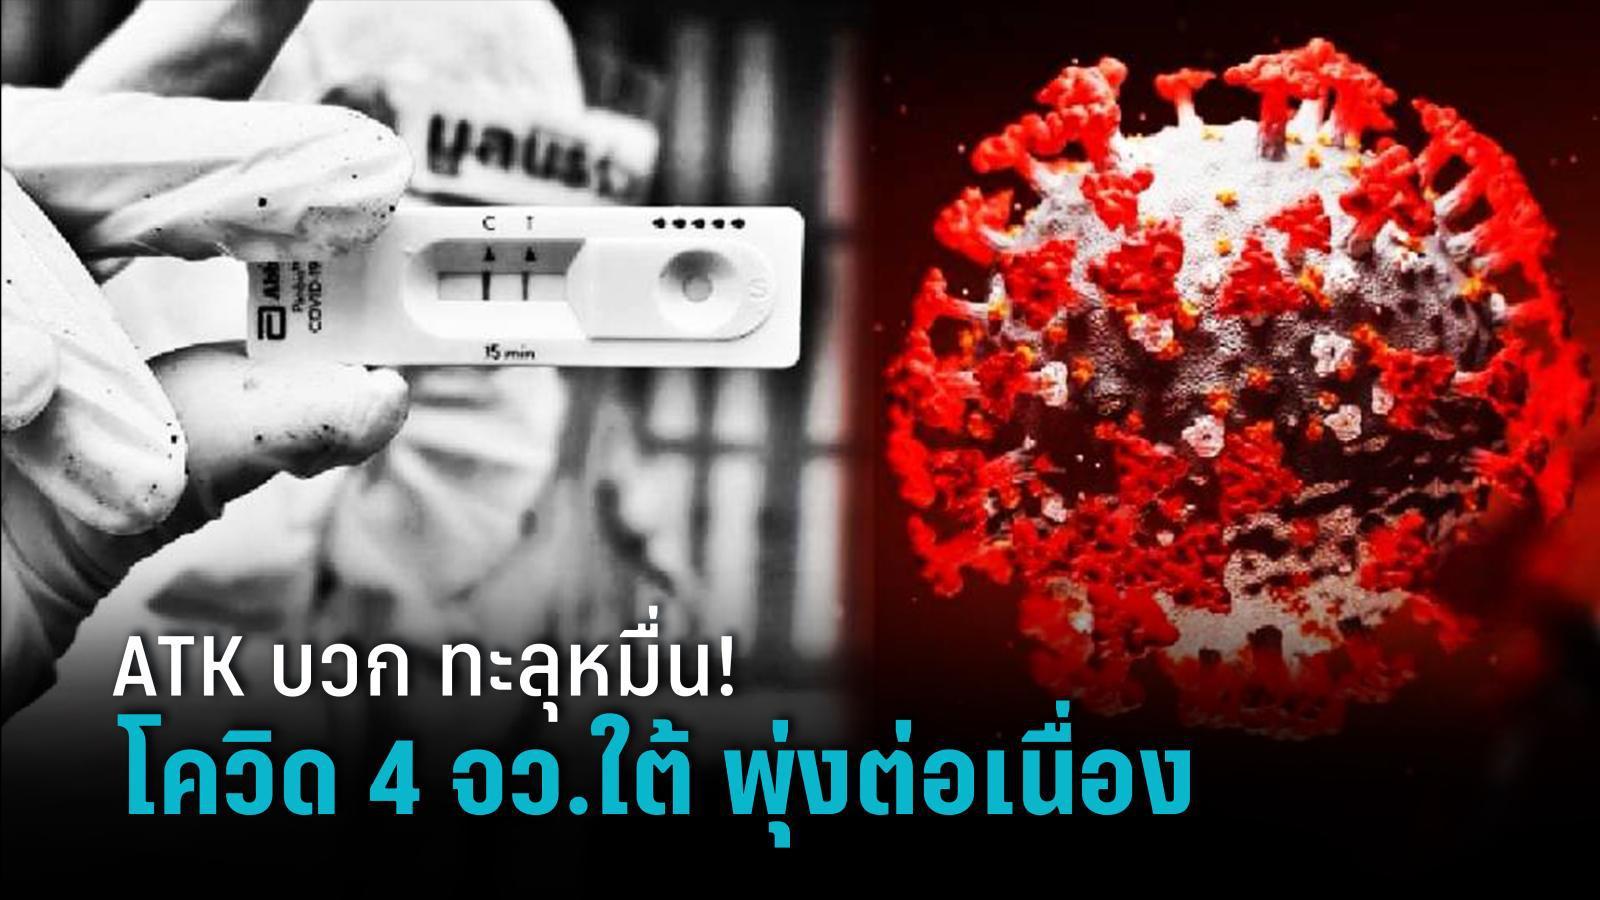 โควิด 4 จว.ใต้พุ่งติด Top 5 ทั่วไทย 4 จังหวัดรอด ไทยอันดับโลกแซงญี่ปุ่น ผล ATK วันนี้เกินหมื่น